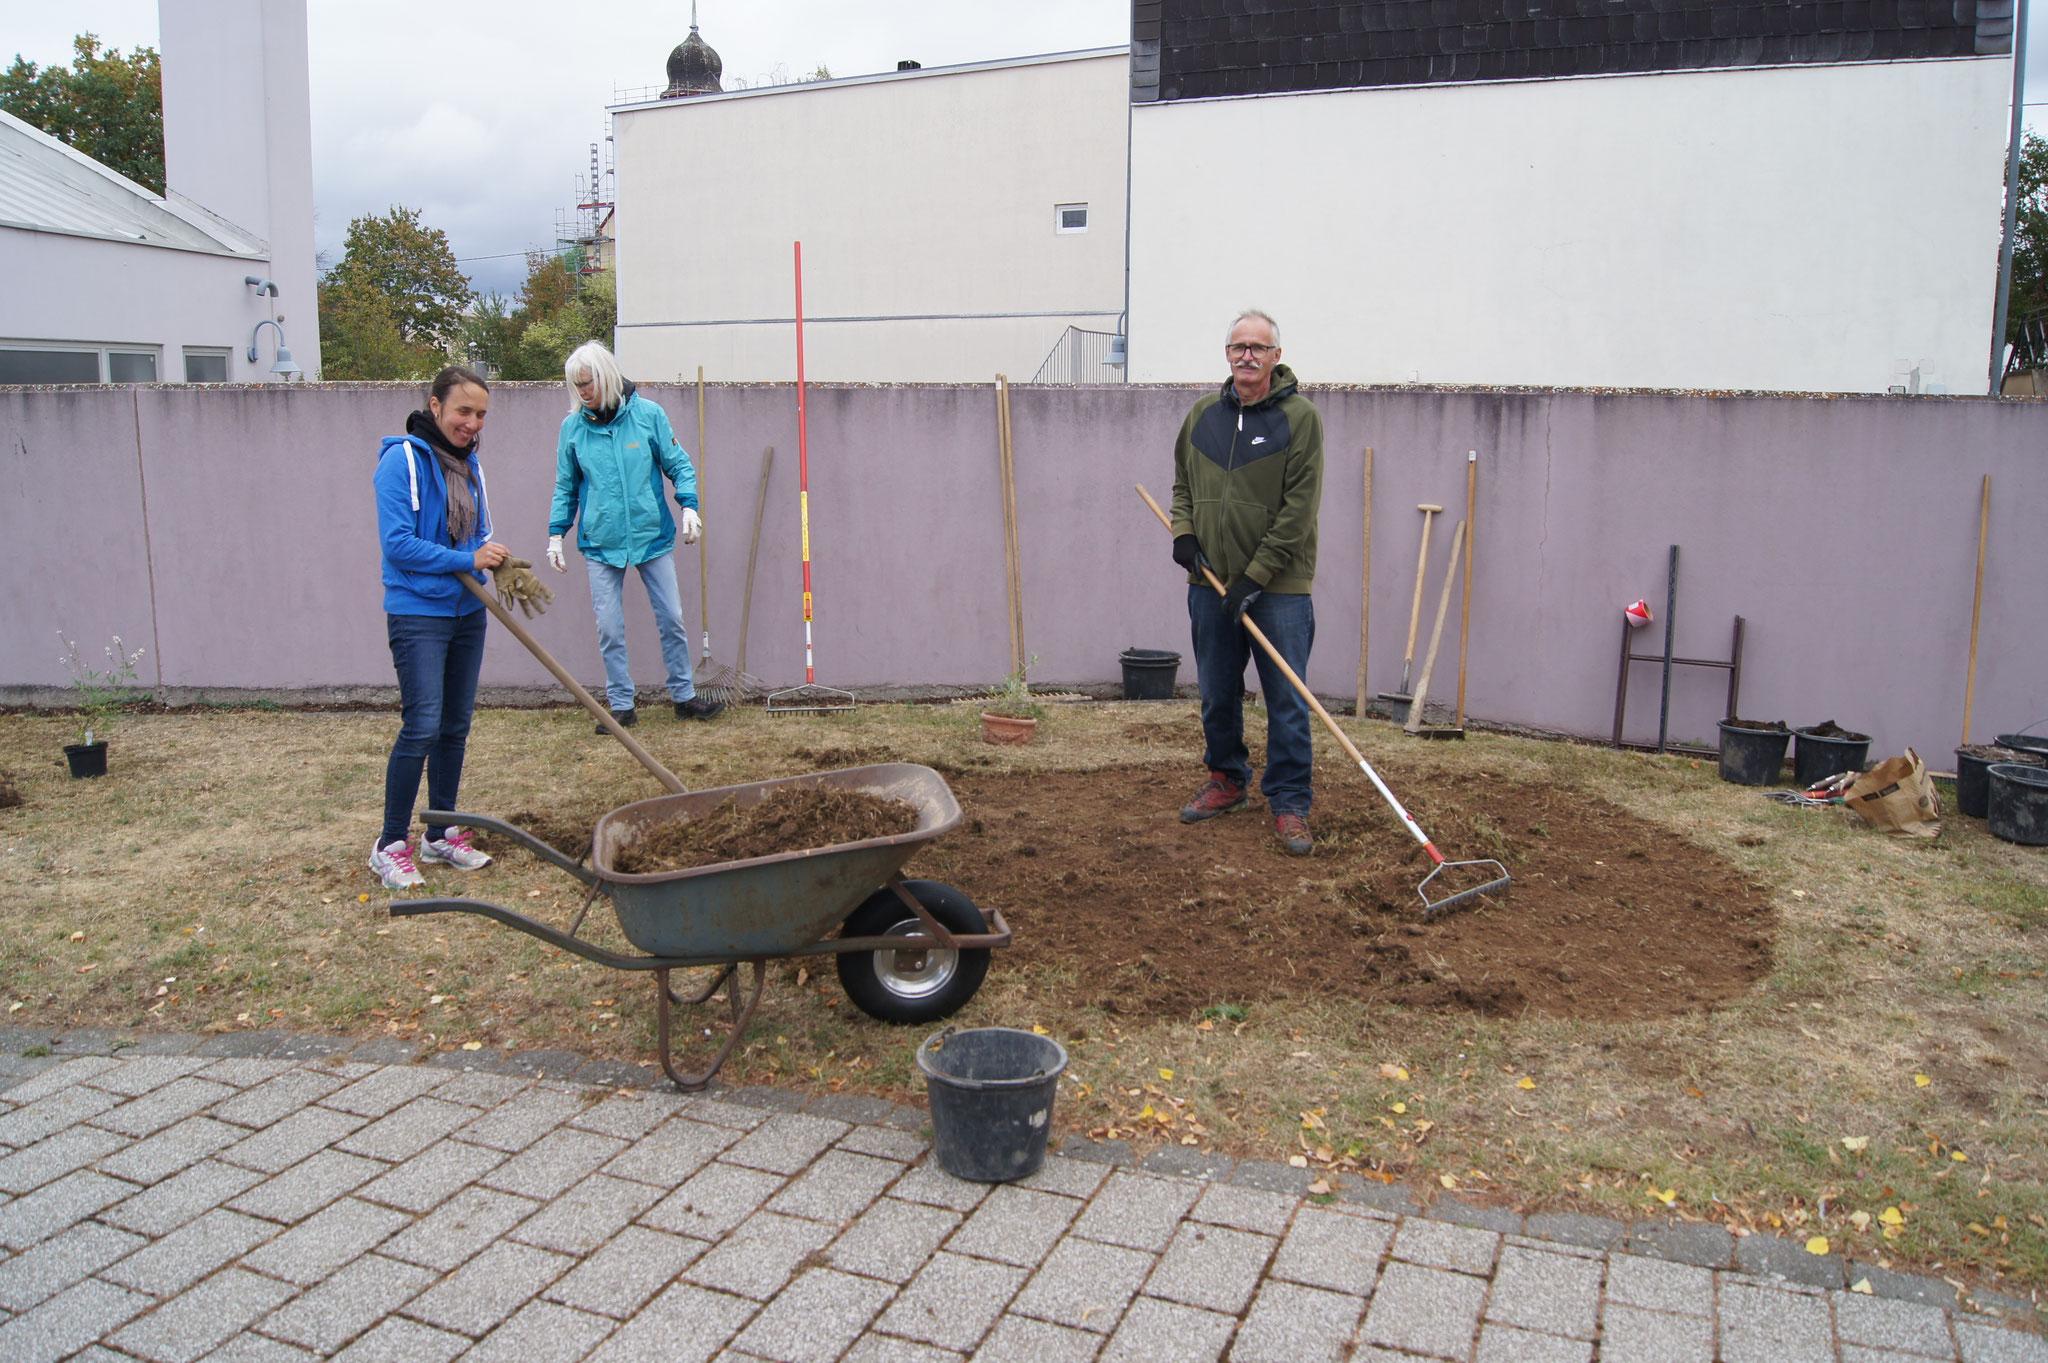 Grünfläche Kirche St. Martin, Vorbereitung Saatbett, Herbst 2020